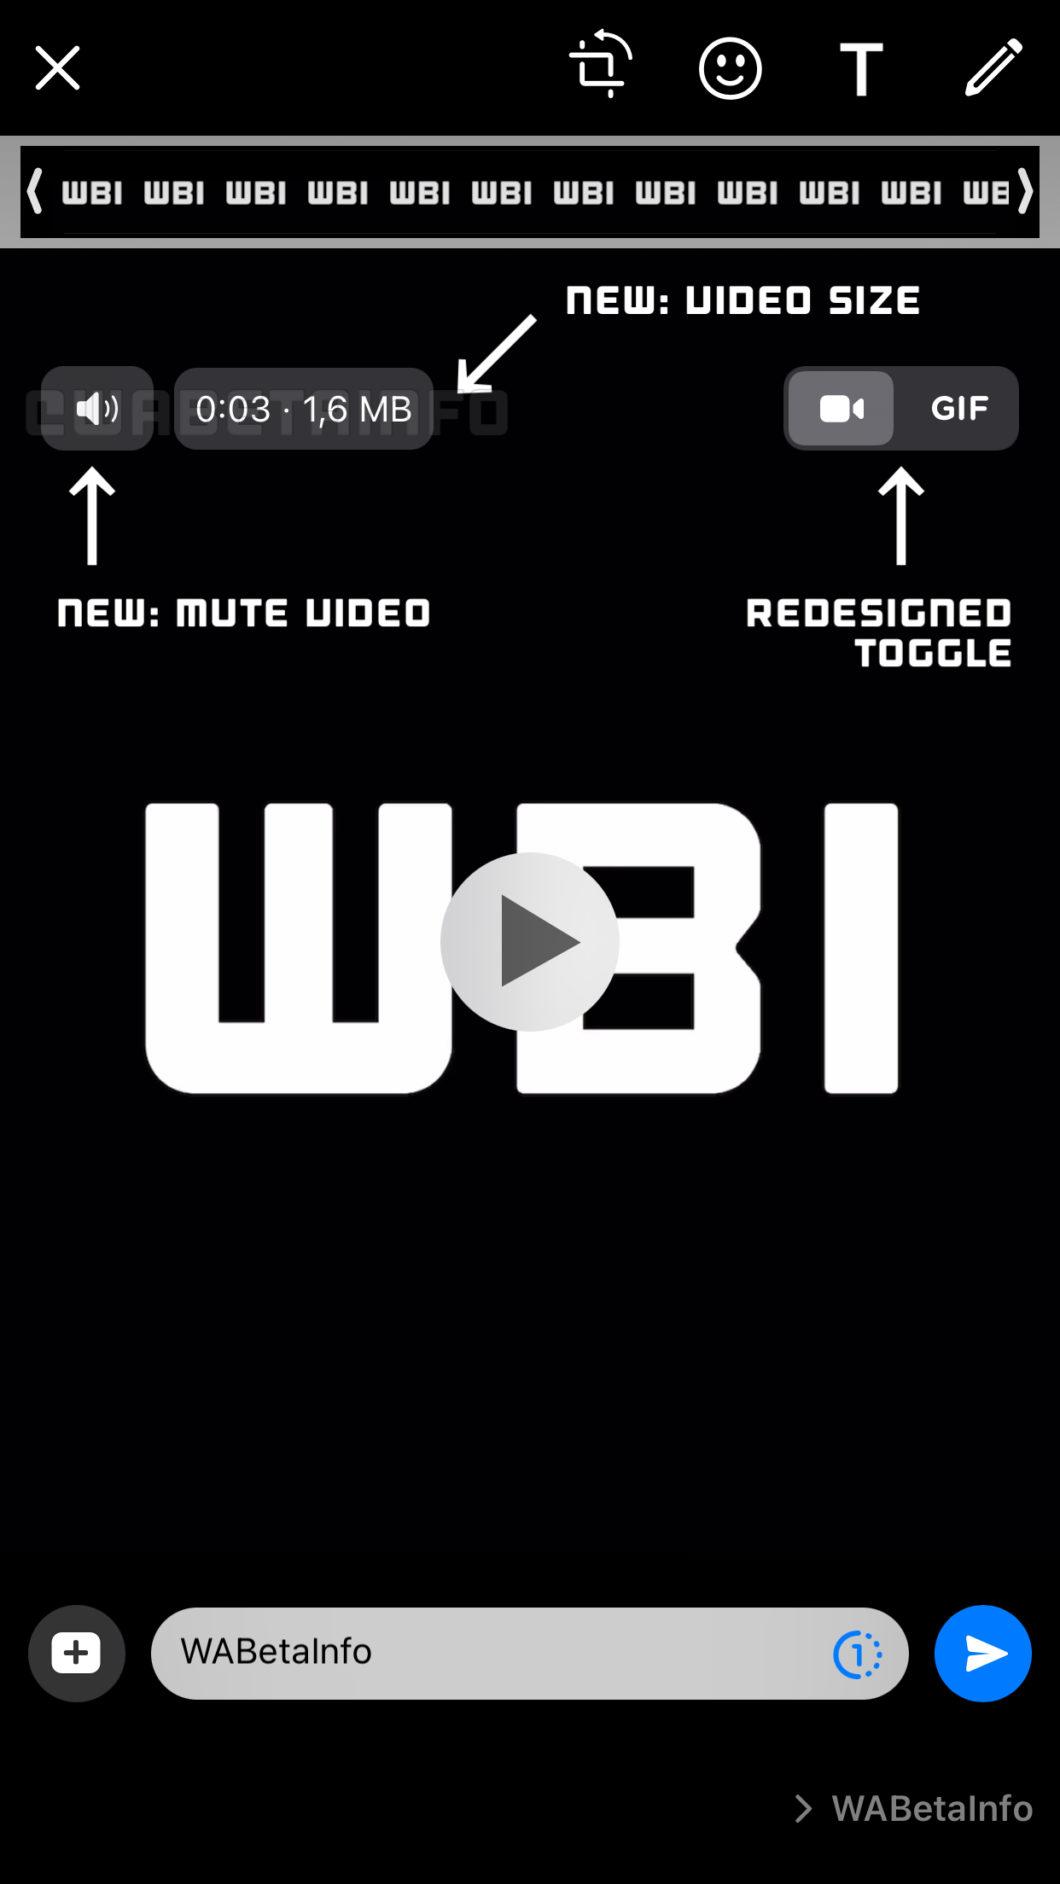 WhatsApp prepara botão para silenciar vídeos no iOS (Imagem: Reprodução/WABetaInfo)